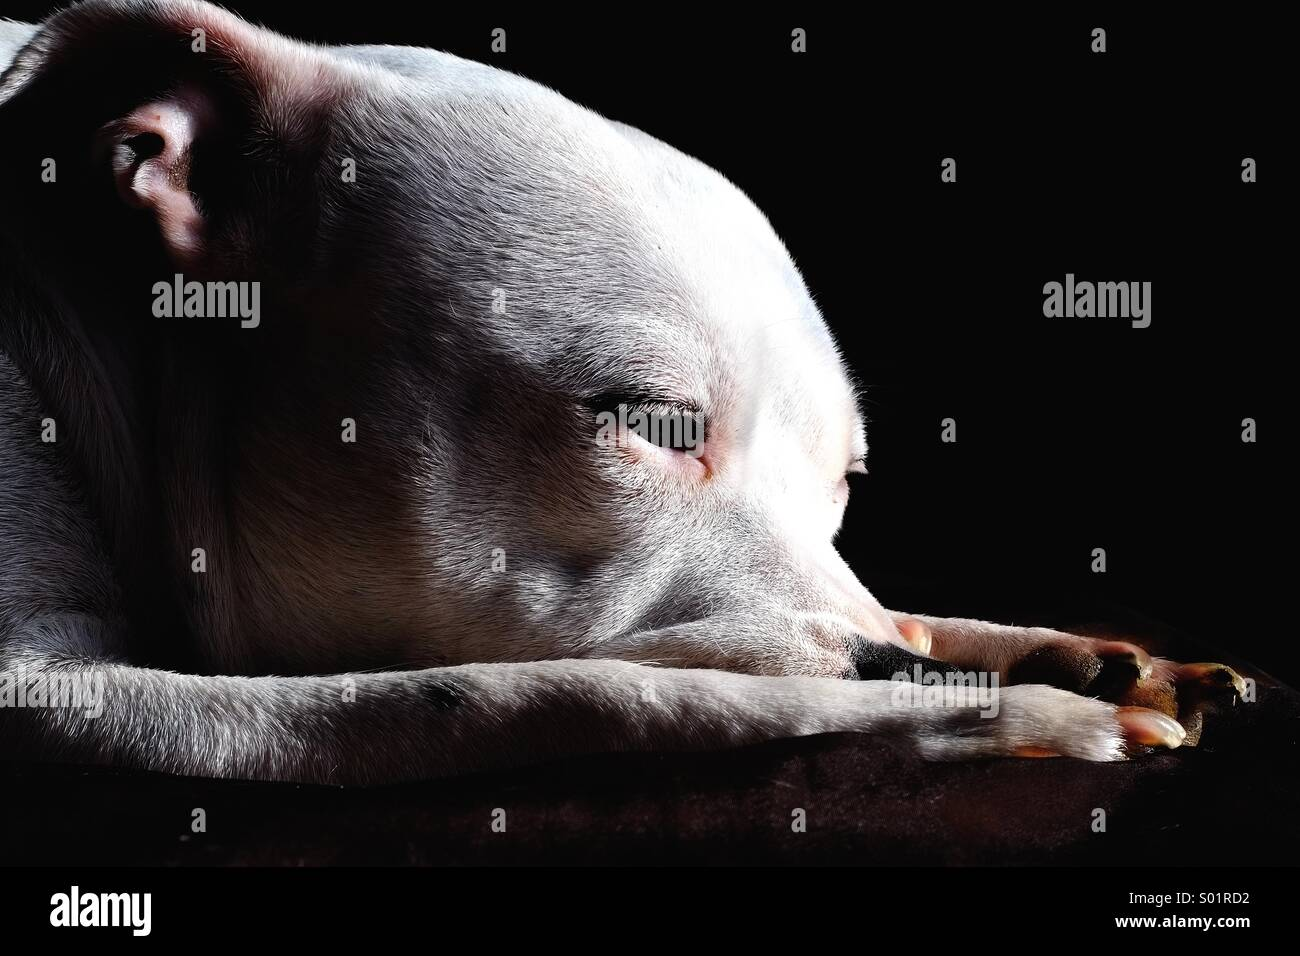 Dog portrait - Stock Image